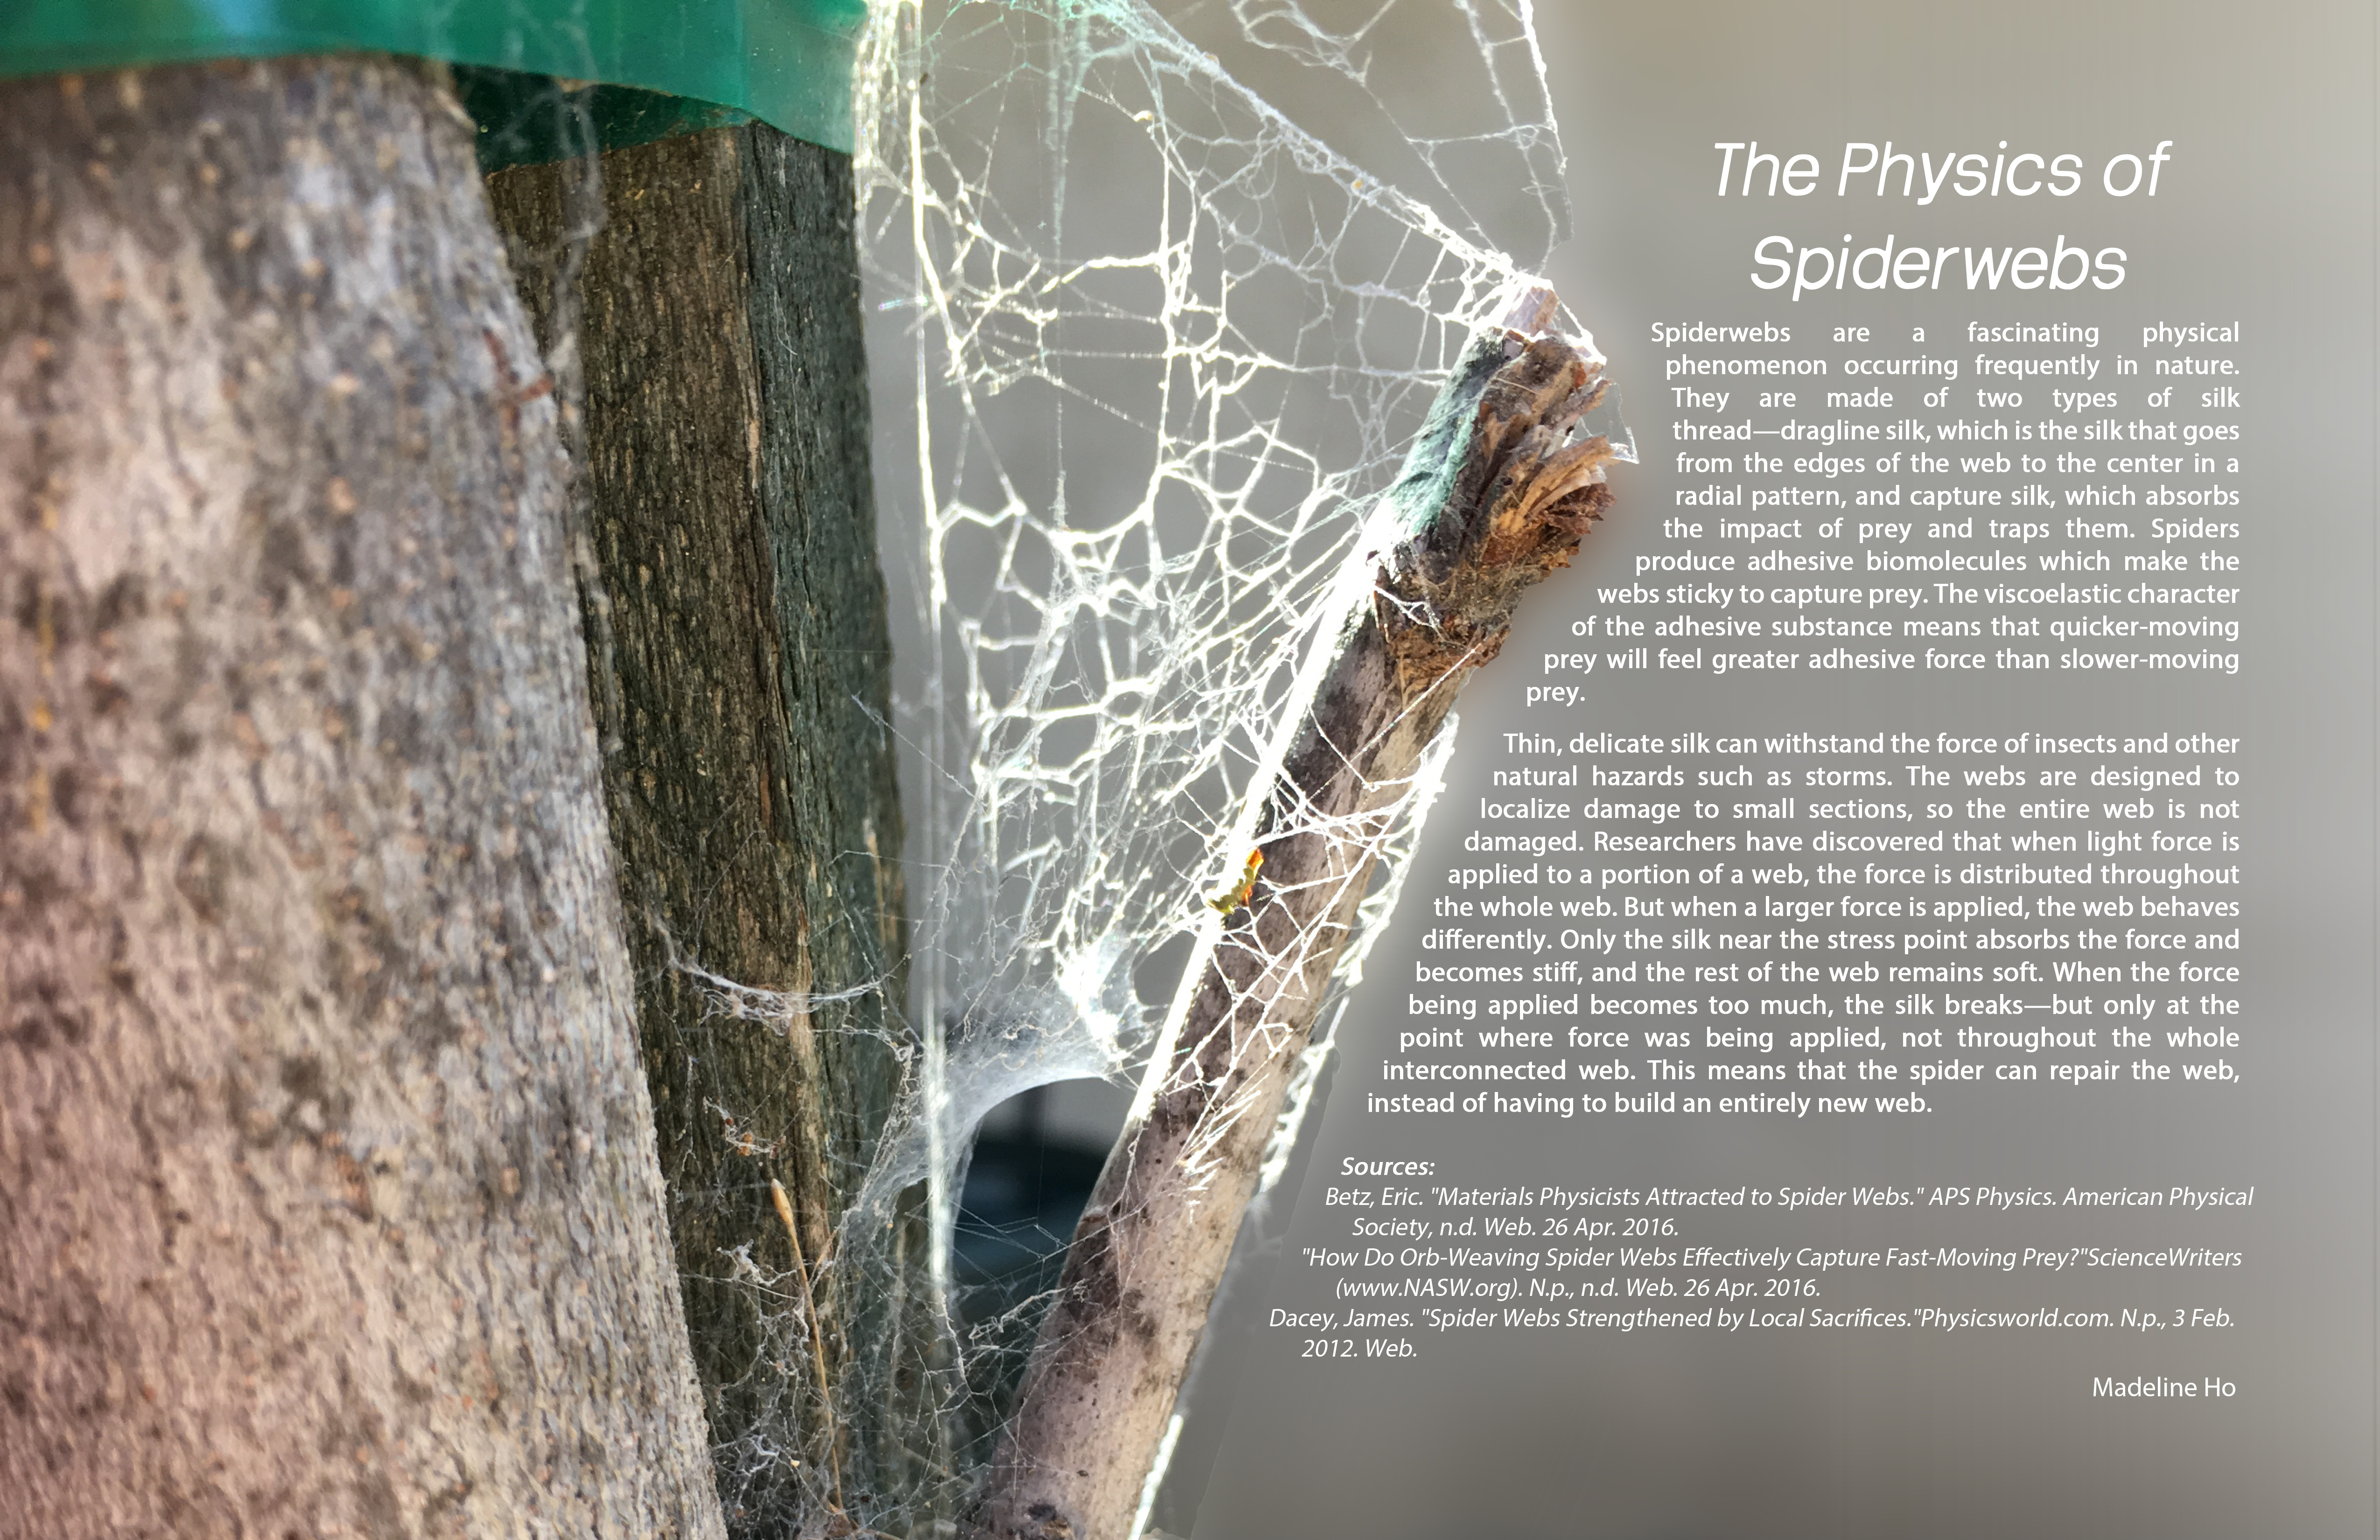 SpiderwebPoster.jpg